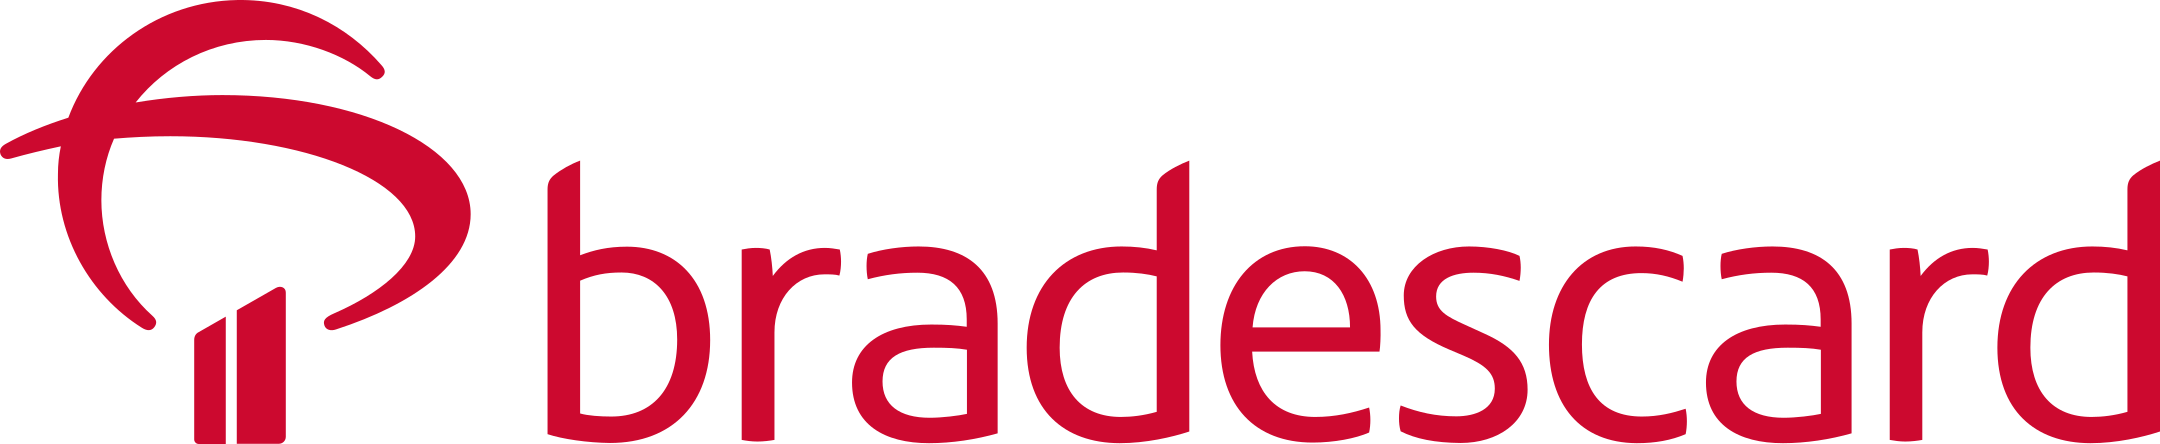 bradescard logo 1 - Bradescard Logo